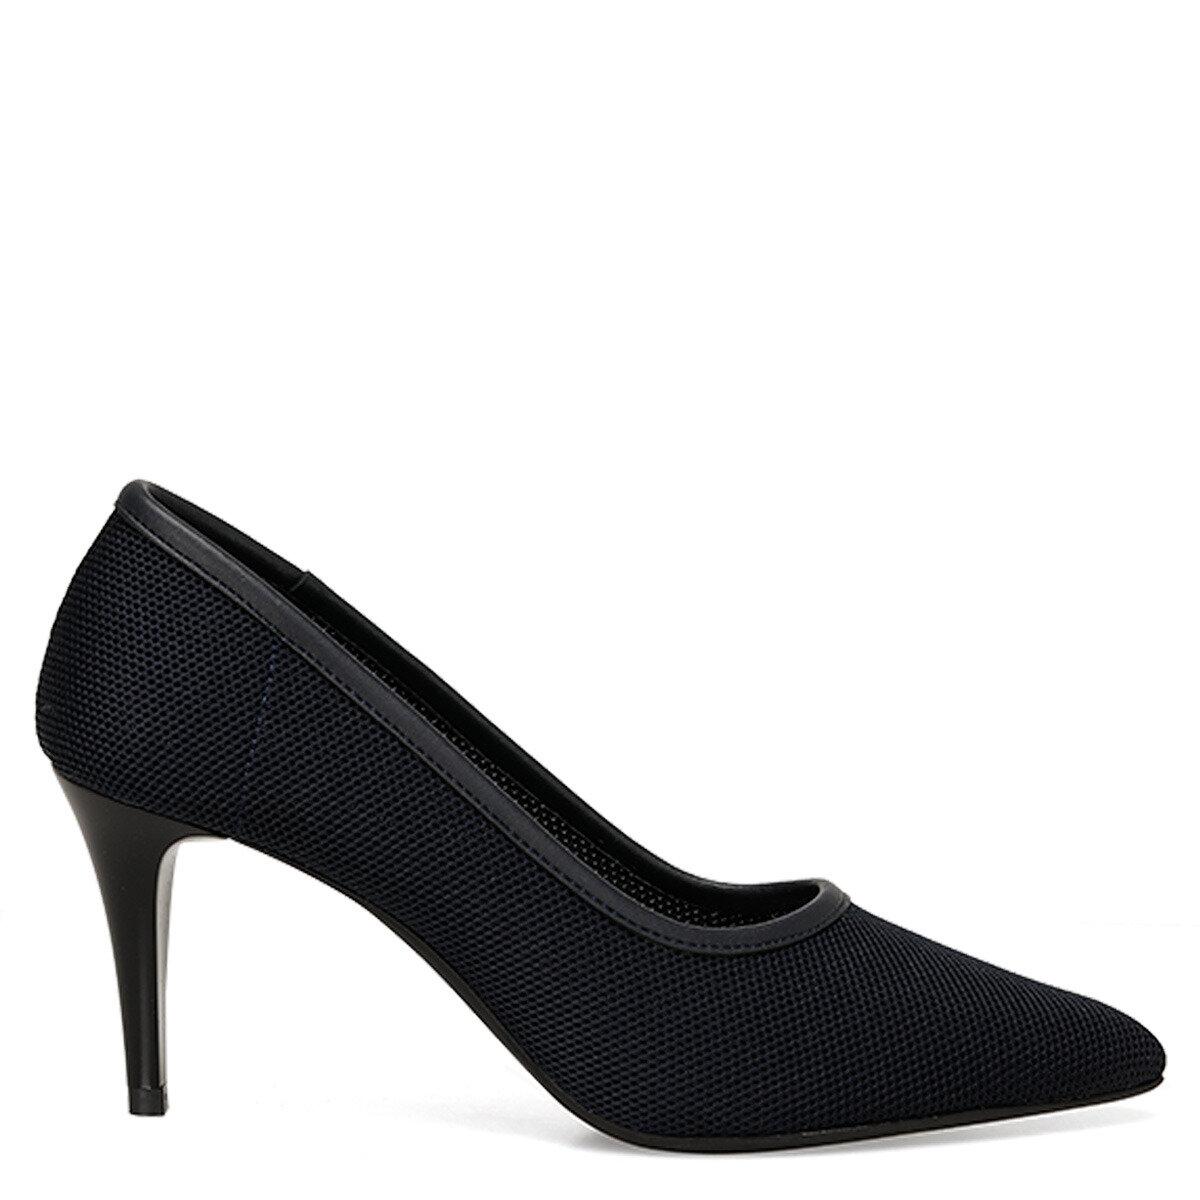 KNITTED Lacivert Kadın Klasik Topuklu Ayakkabı